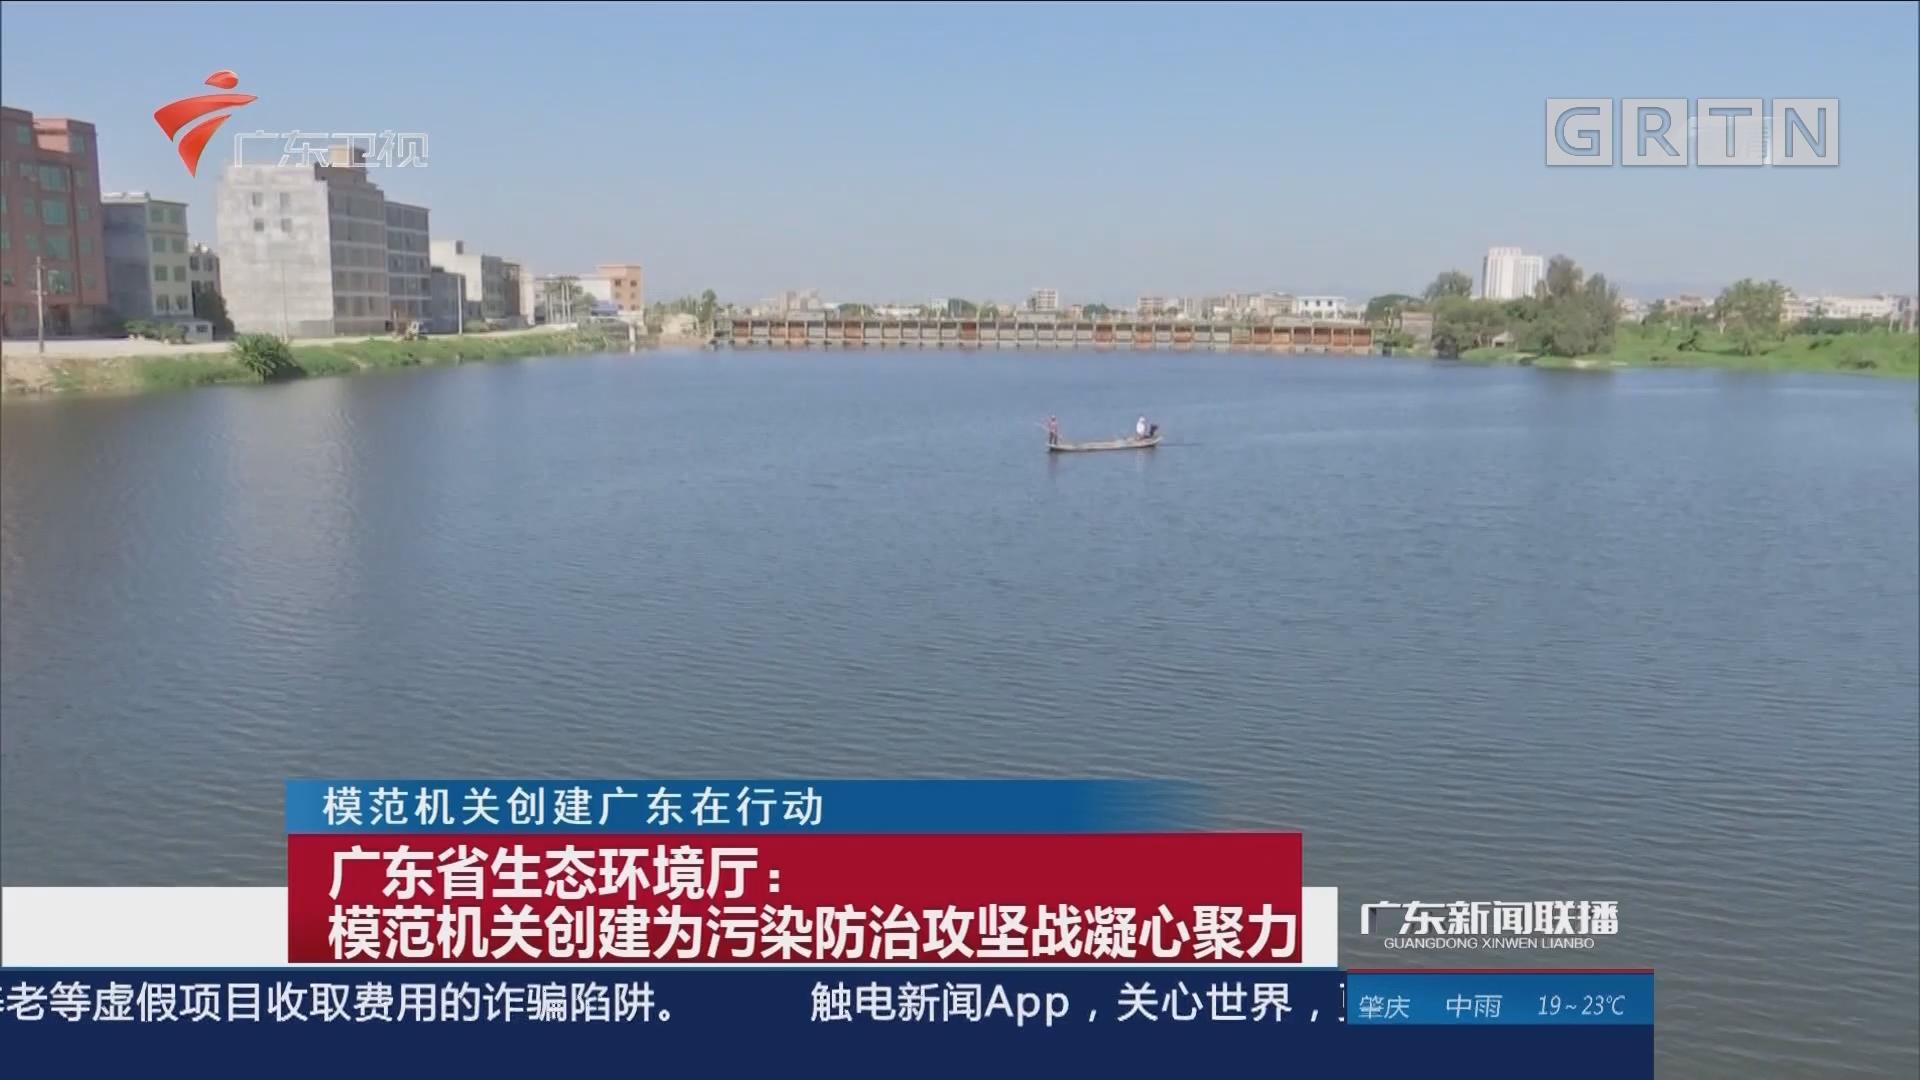 广东省生态环境厅:模范机关创建为污染防治攻坚战凝心聚力